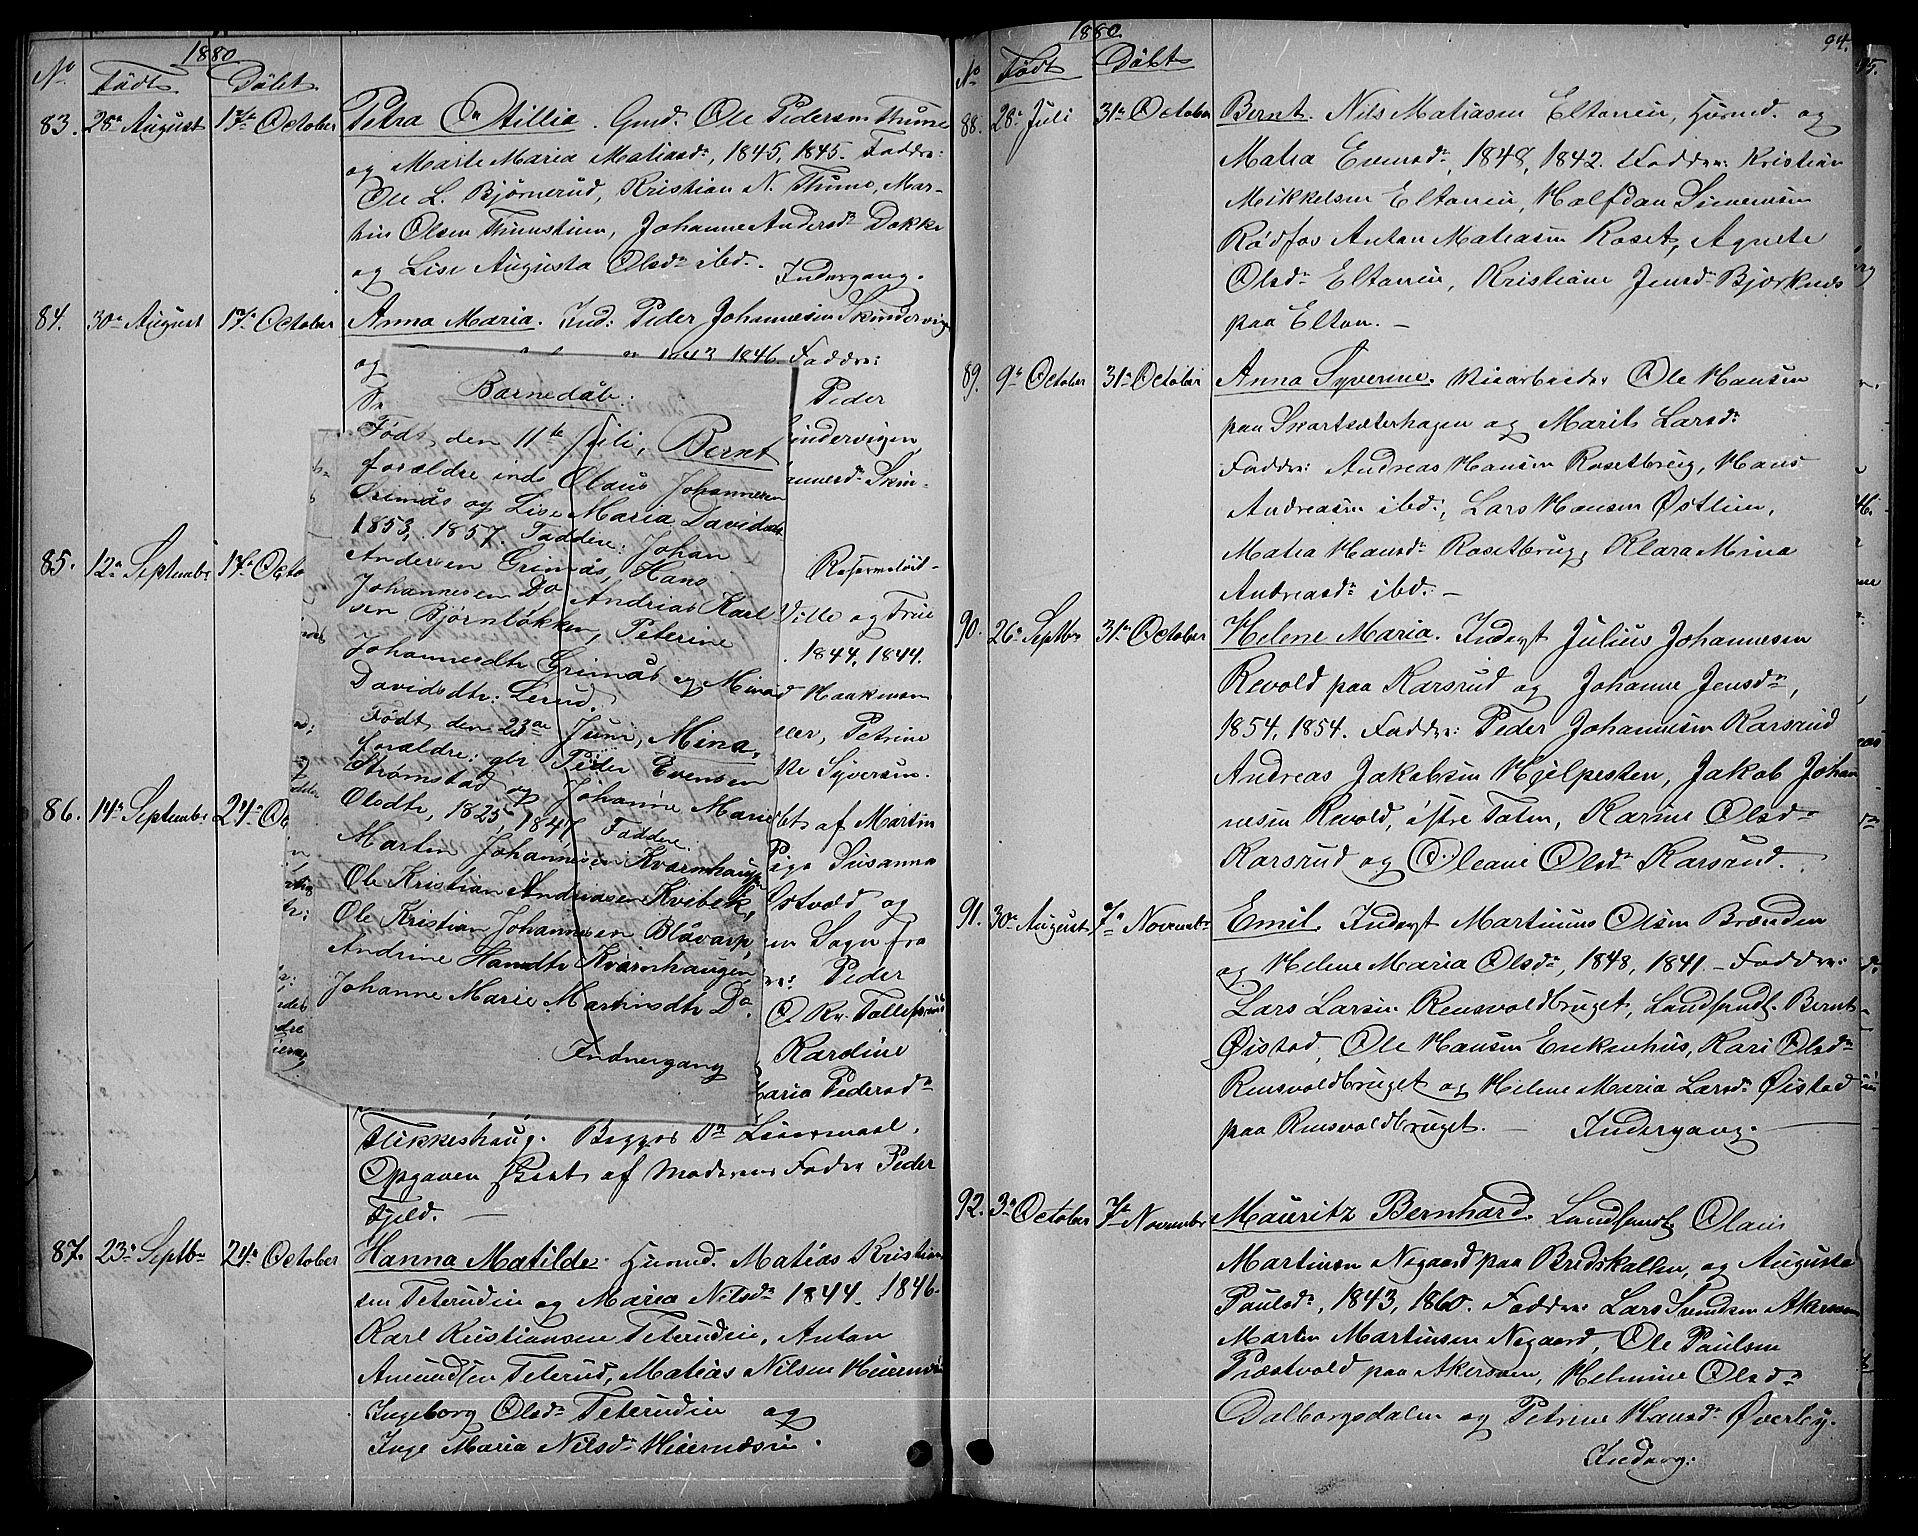 SAH, Vestre Toten prestekontor, H/Ha/Hab/L0006: Klokkerbok nr. 6, 1870-1887, s. 94